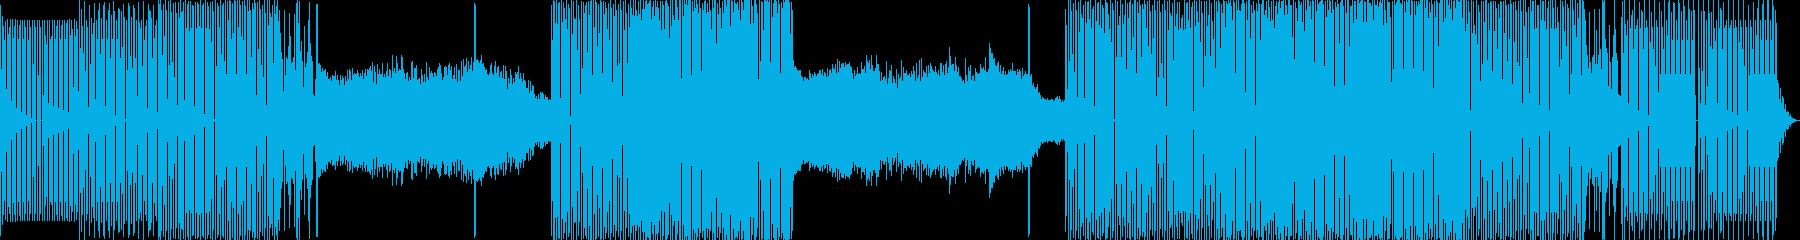 70年代/ 80年代のシンセダーク...の再生済みの波形